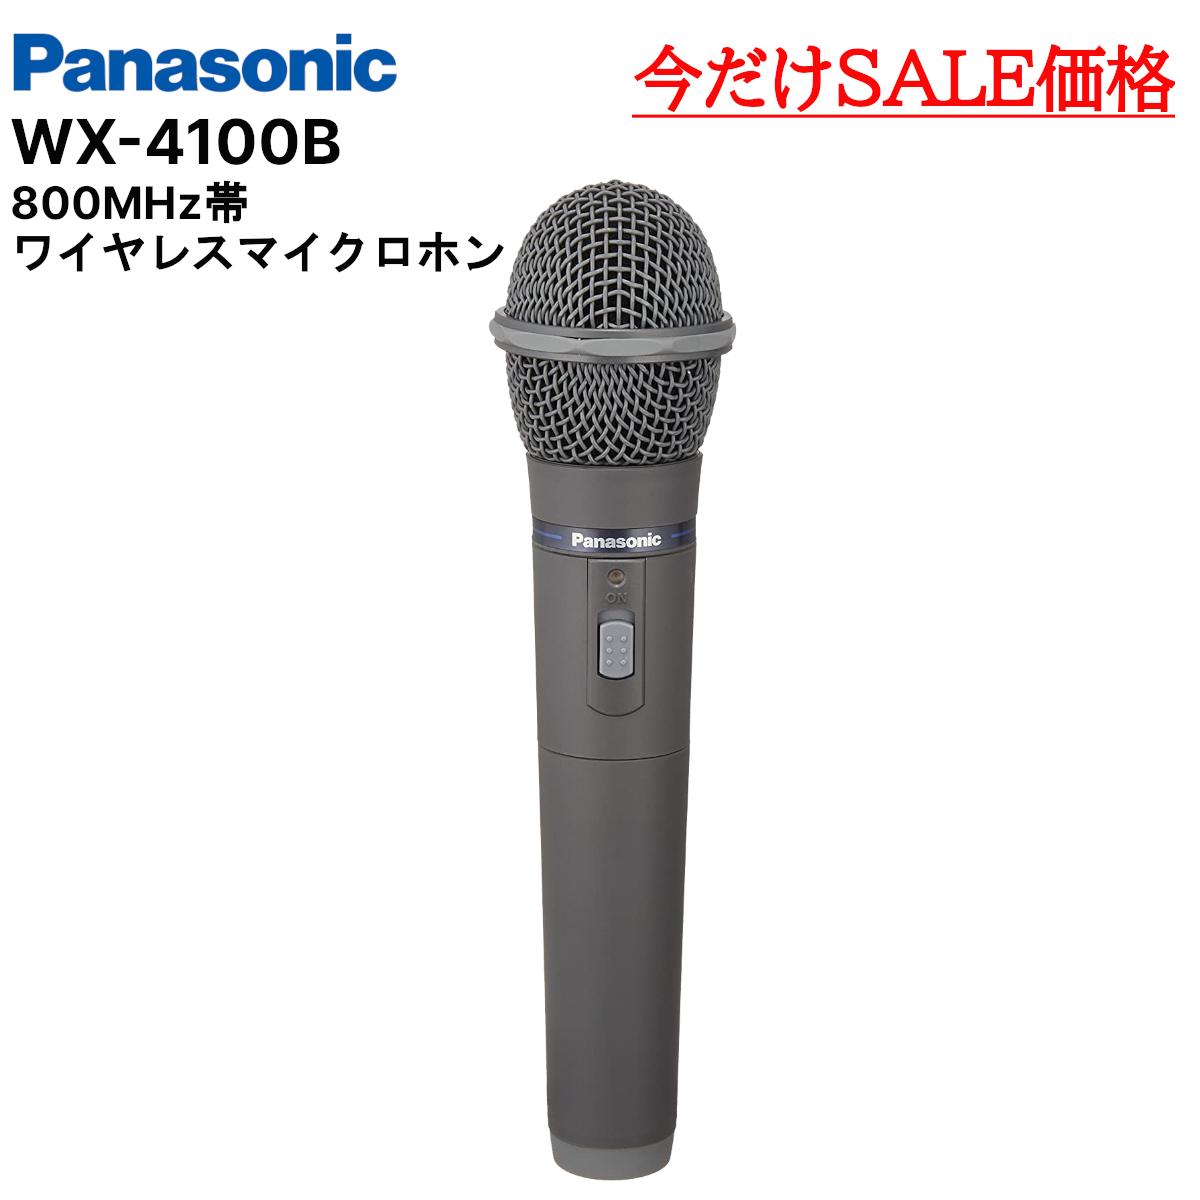 SALE対象商品 楽ロジ対象商品 WX-4100B パナソニック ワイヤレスマイクロホン 800MHz Panasonic 格安 WX4100B 正規認証品 新規格